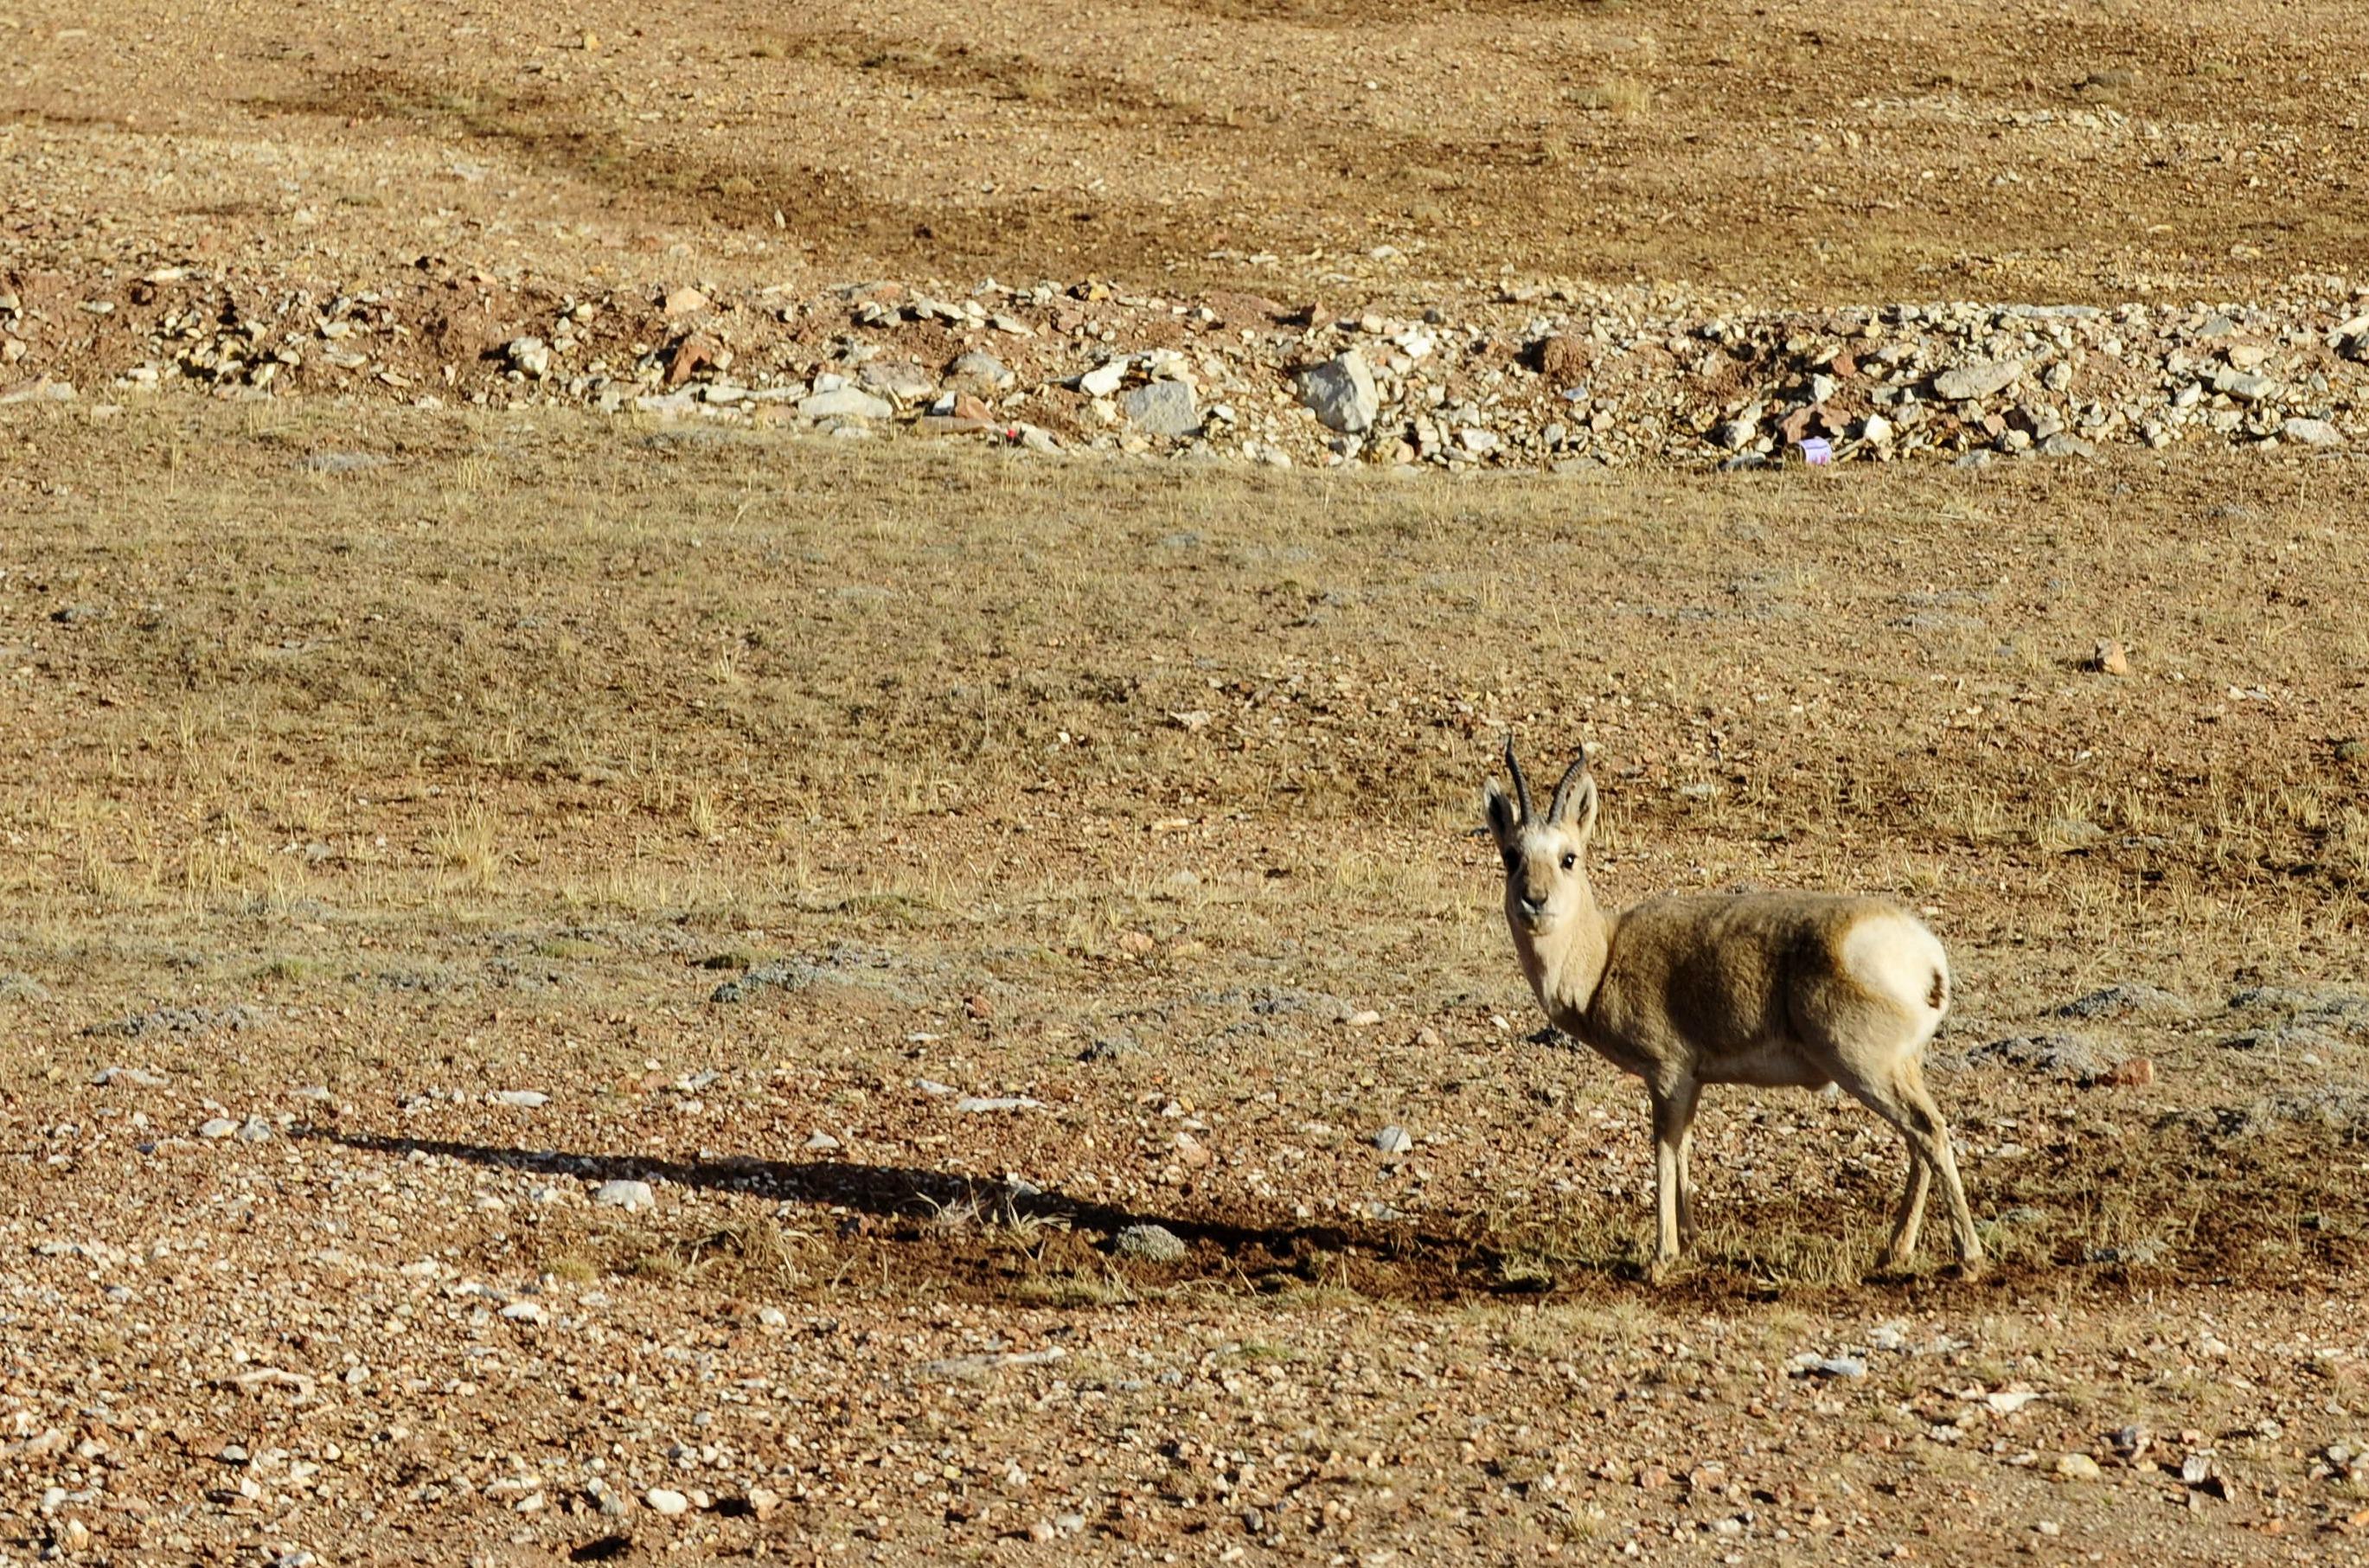 新华社照片,那曲(西藏),2016年6月7日 6月7日,扎西平措在色林错国家级自然保护区的鸟岛旁巡查。 在西藏那曲地区罗玛镇色林错国家级自然保护区,34岁的野保员扎西平措守护在鸟岛附近,为进入孵化期的小生命巡逻。 色林错国家级自然保护区位于藏北羌塘草原,平均海拔4500米以上,总面积近两万平方公里。这里生活着各种珍稀鸟类、藏羚羊、藏野驴、藏原羚年复一年,扎西平措和他的两位同事巡查着这片土地,防止偷猎和捕鱼。 近年来,随着各级保护区的相继成立、农牧民群众保护意识不断增强、生态环境持续改善,西藏珍